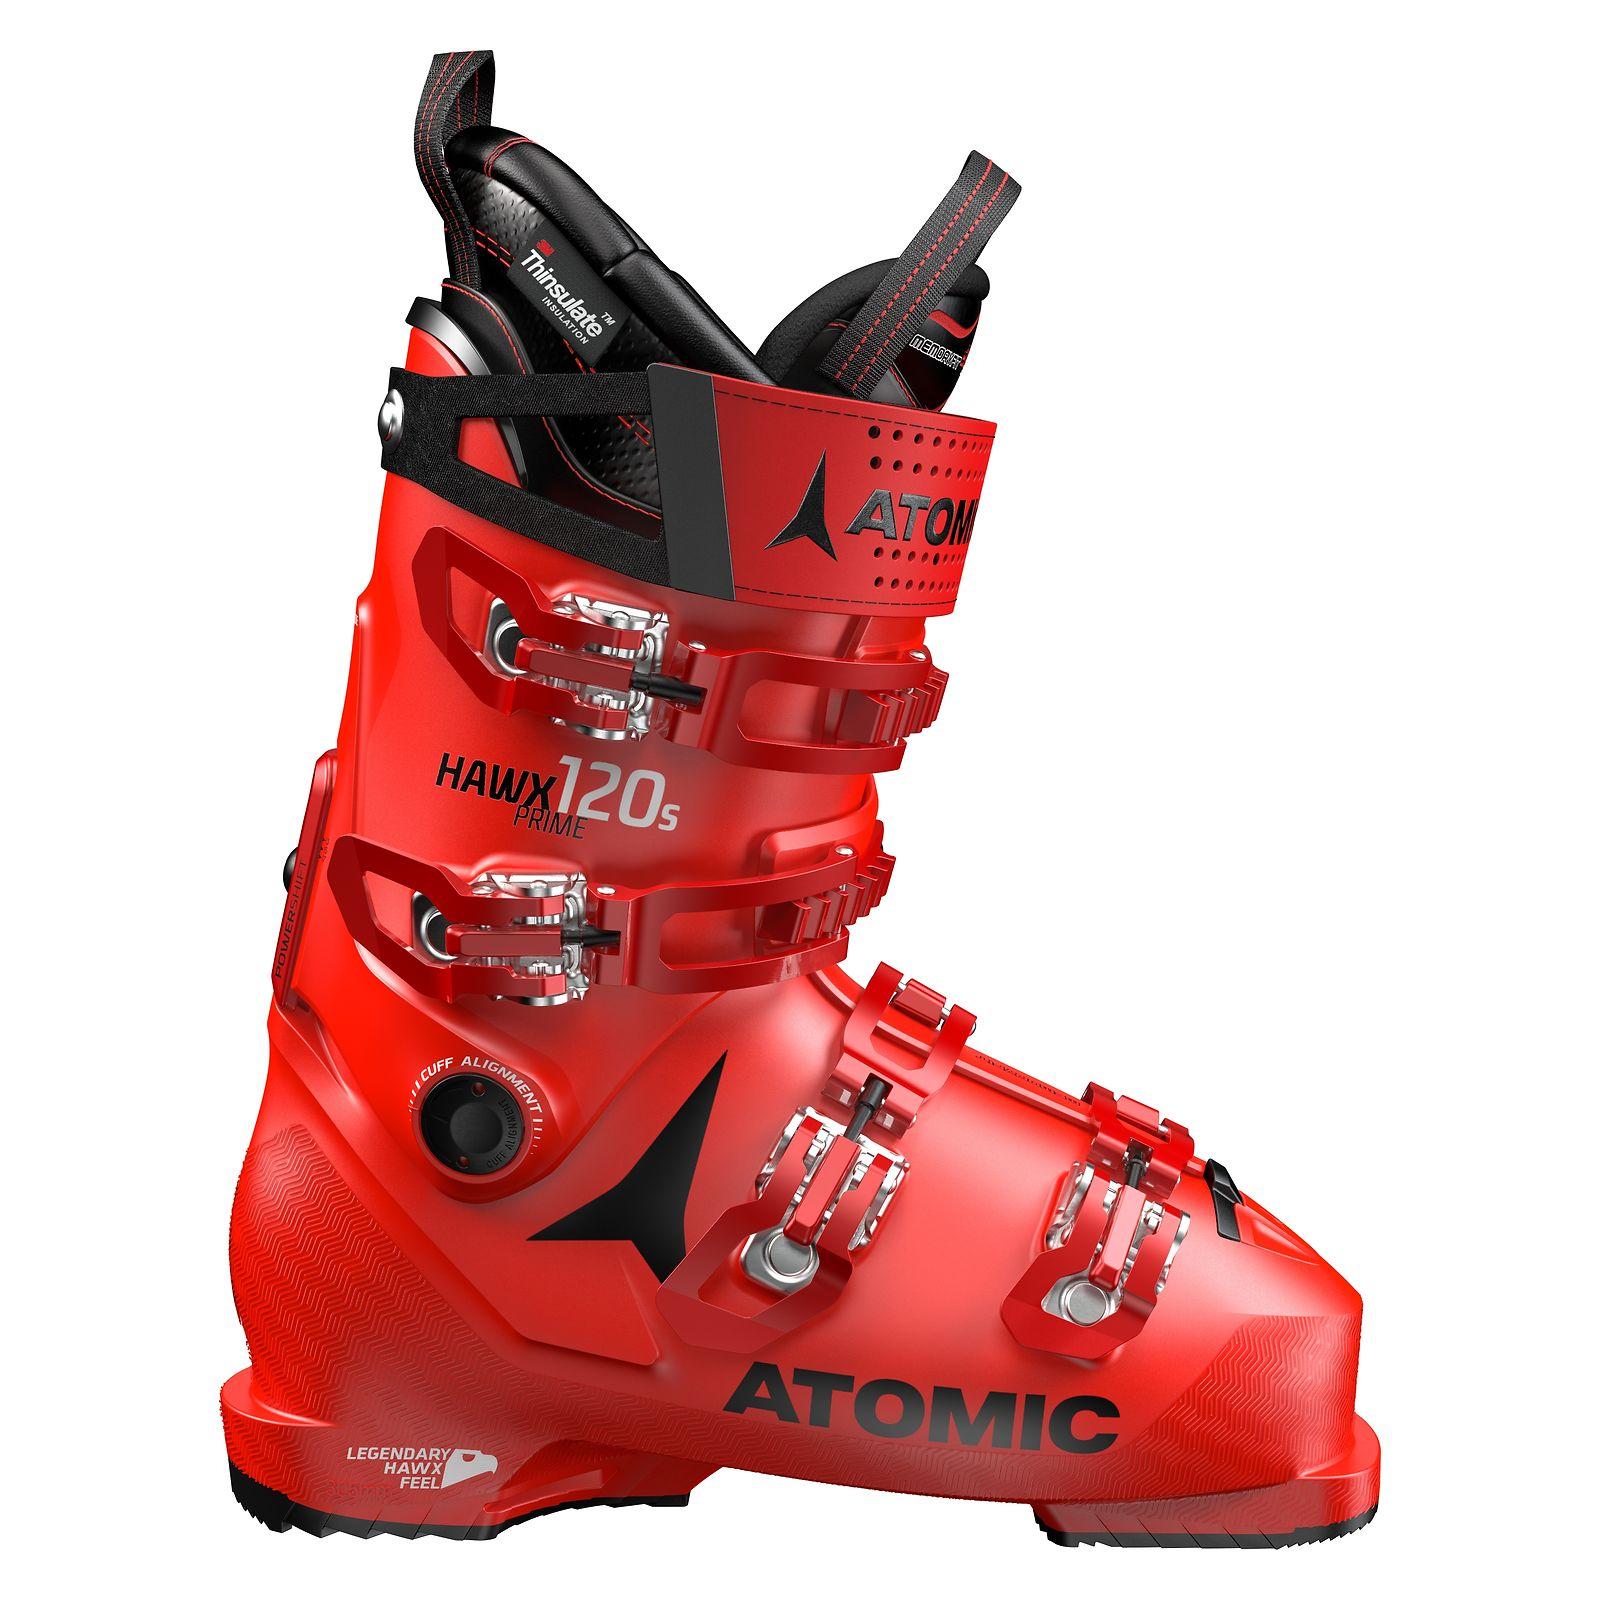 Buty narciarskie męskie Atomic Hawx Prime 120S F120